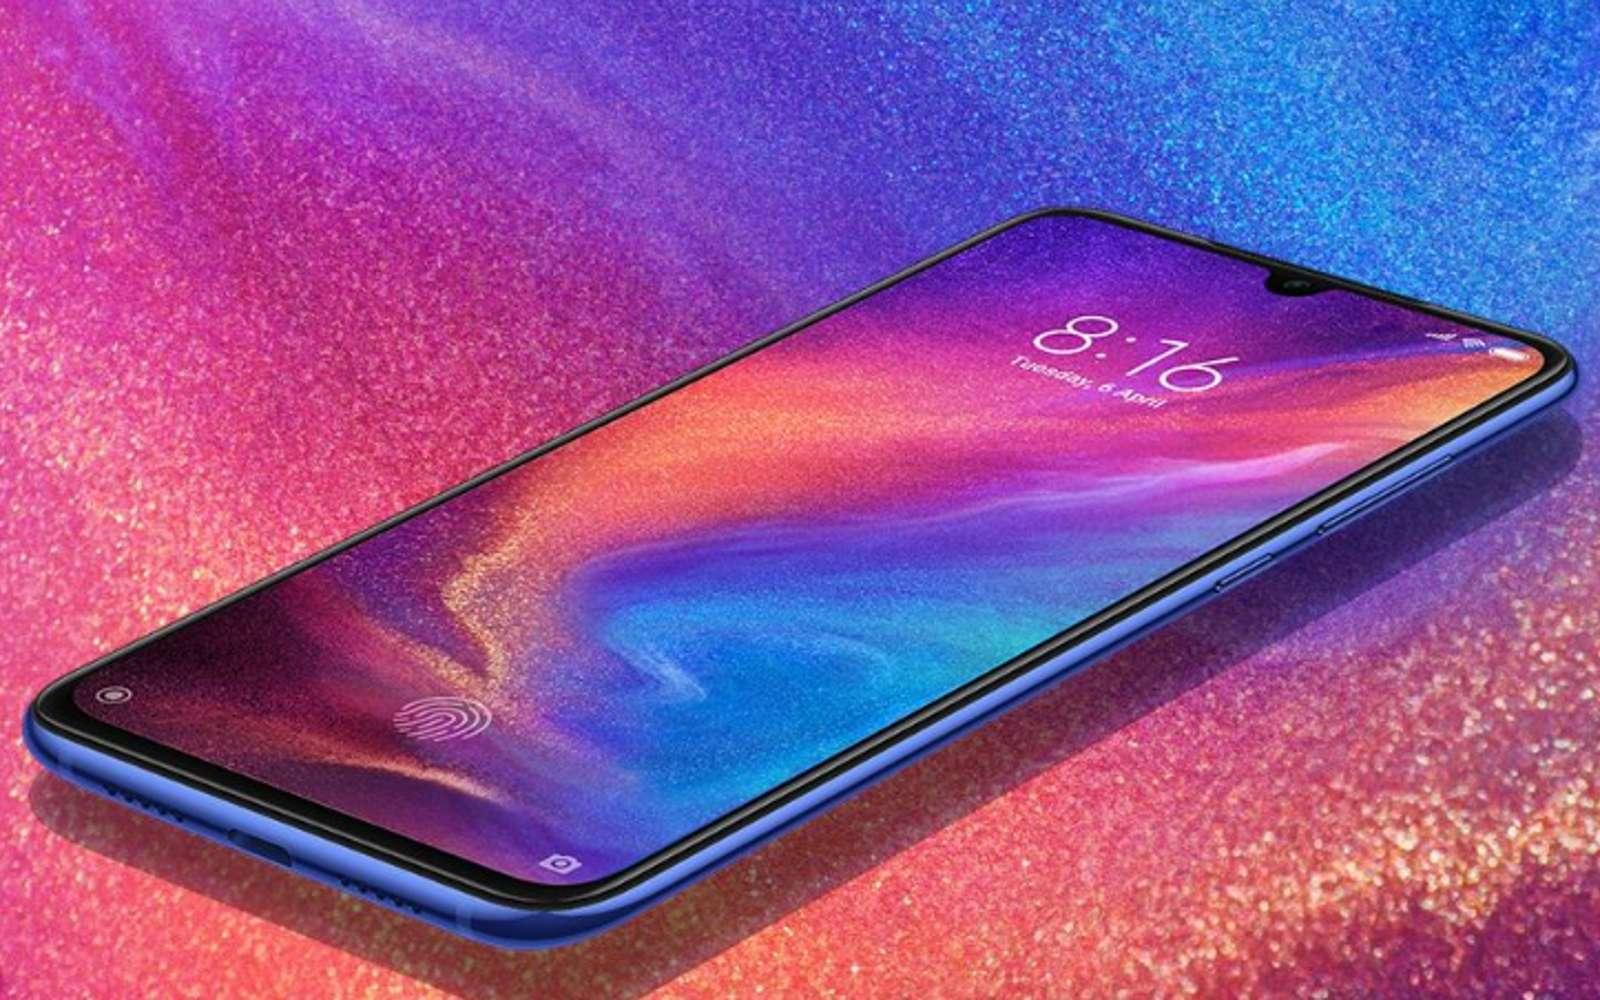 Le Chinois Xiaomi risque d'être attaqué en justice dans le cadre d'une action collective en France. Lors de la commercialisation de deux de ses mobiles dont le DAS maximal dépassait les normes. © Xiaomi